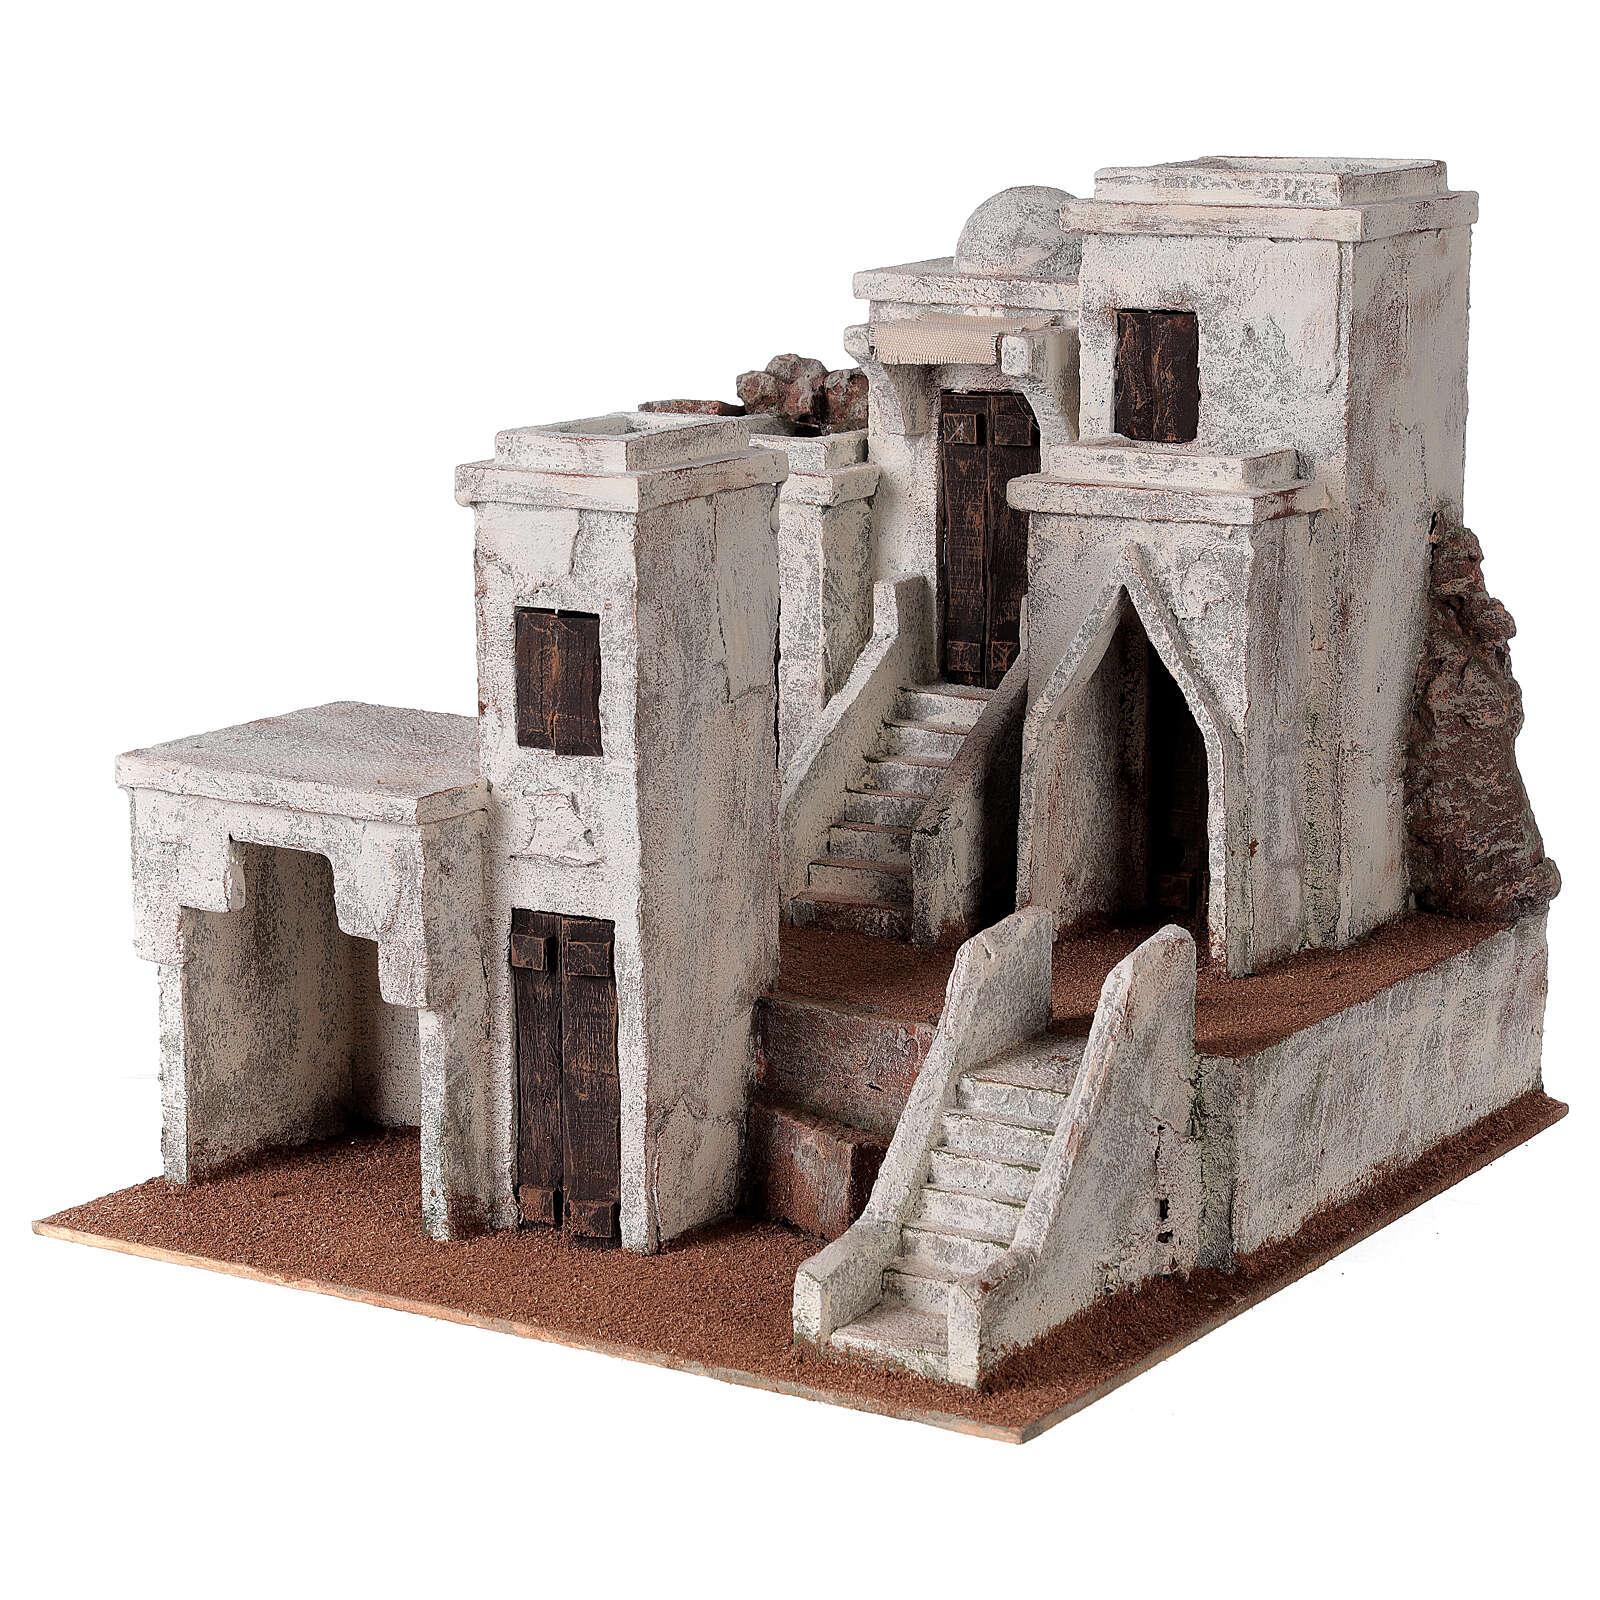 Borgo presepe ambientazione araba 34x36x40 cm per statue 10 cm 4